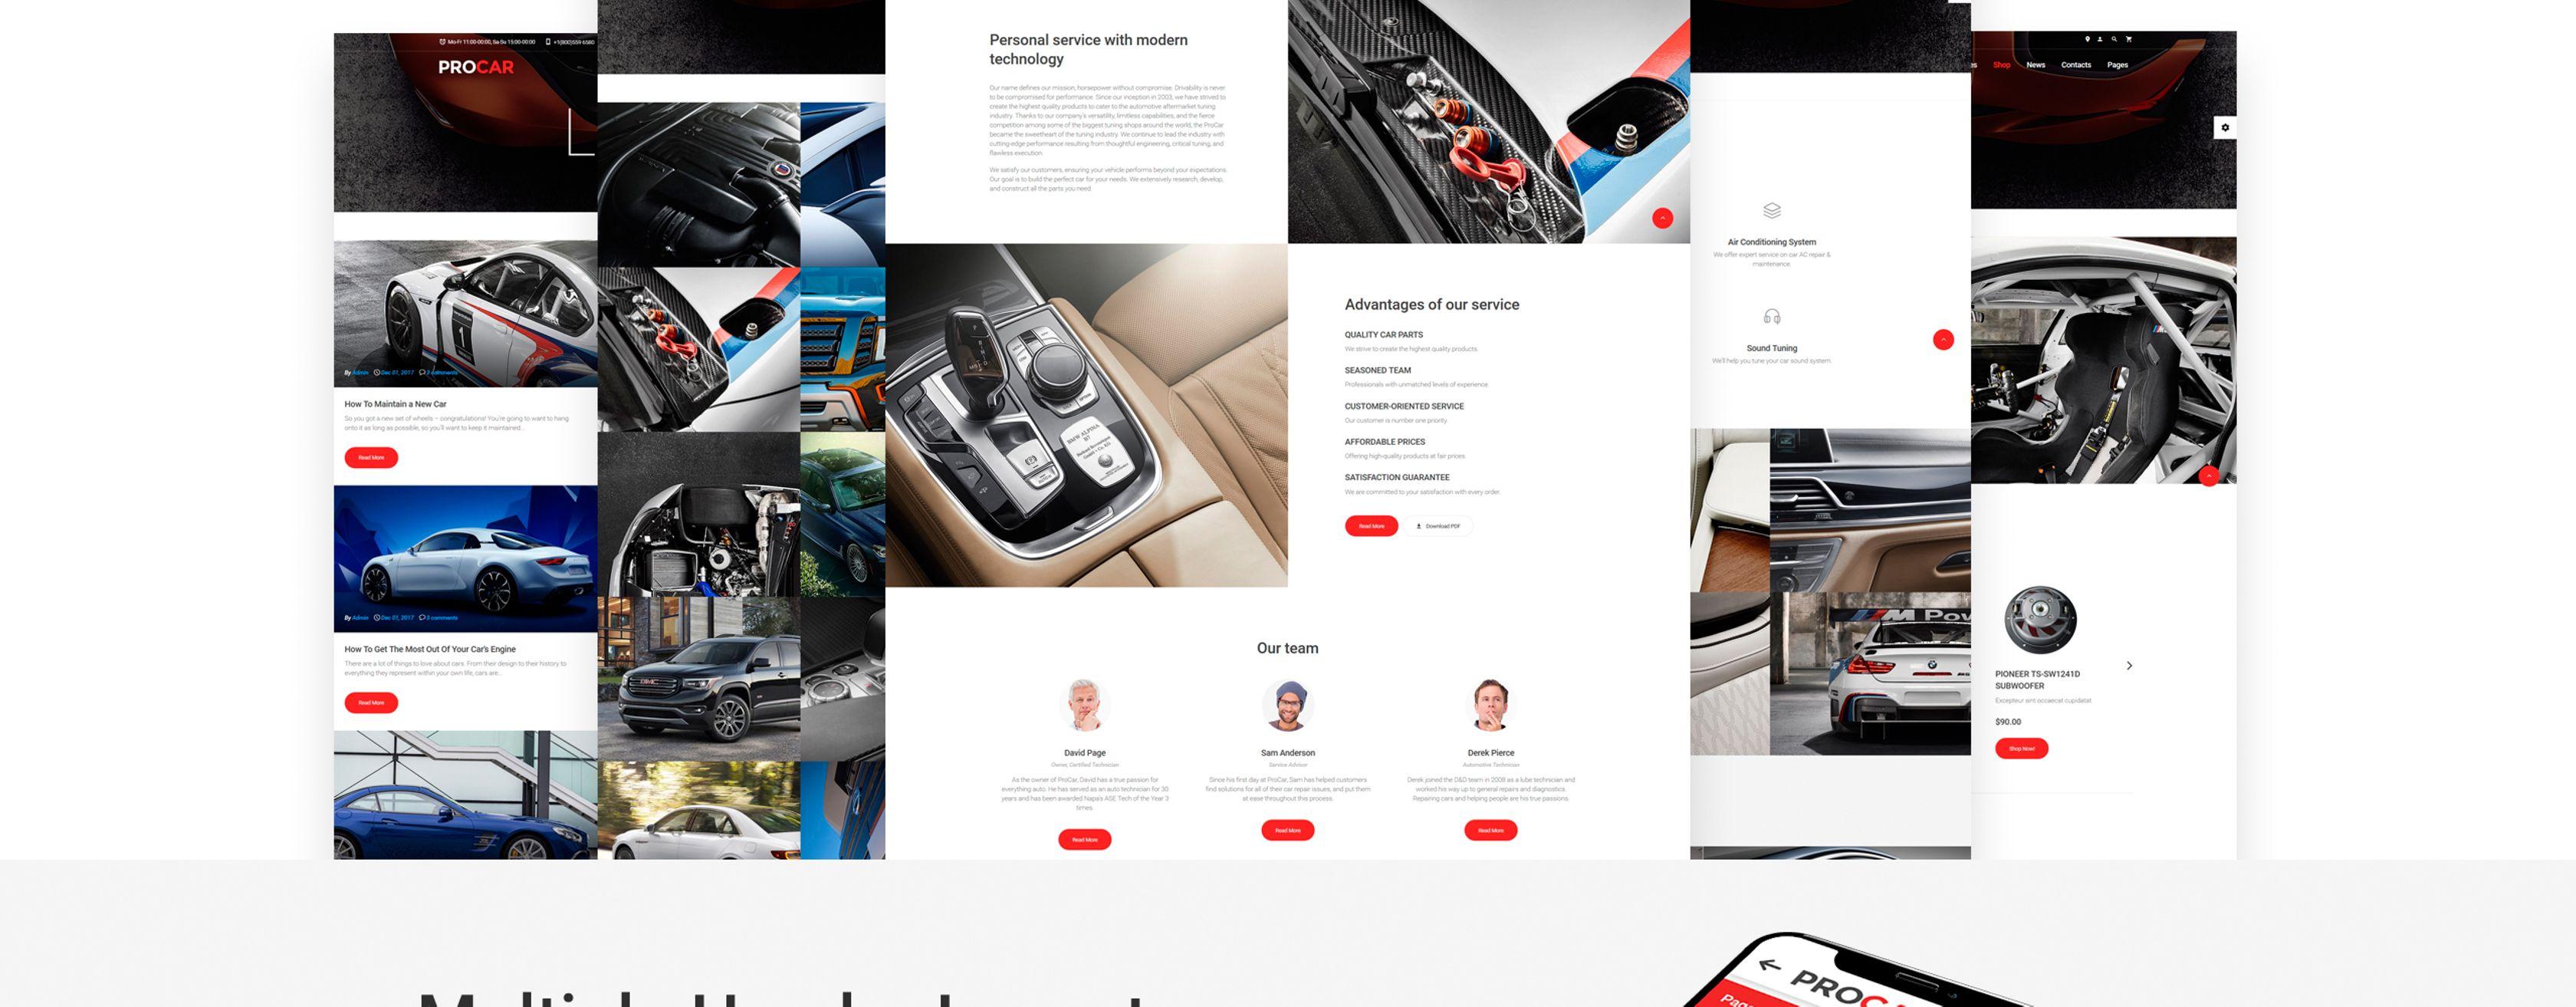 ProCar Website Template